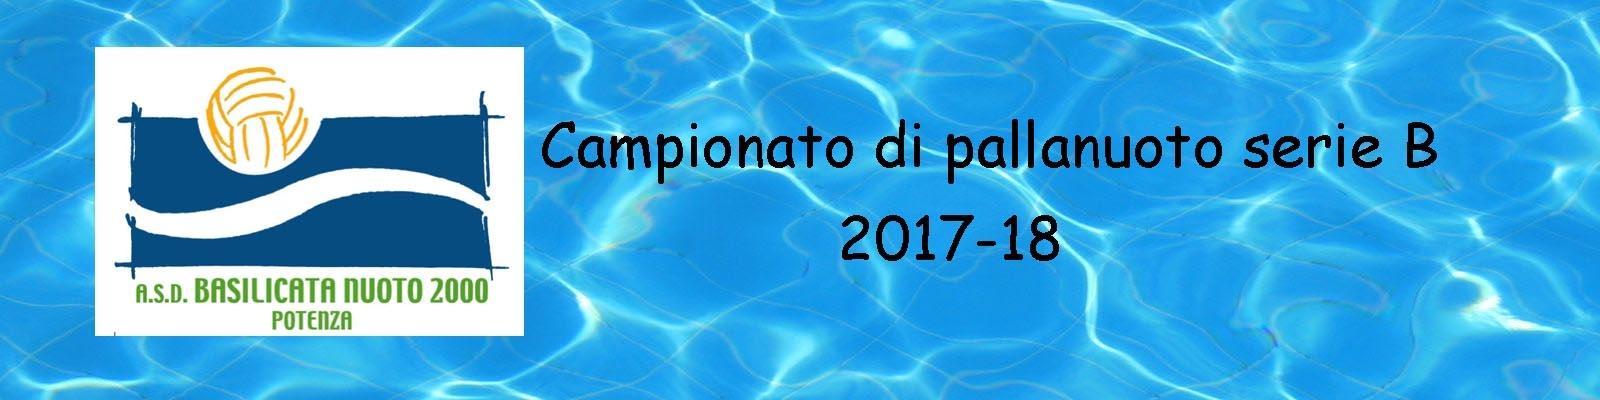 Basilicata Nuoto 2000 anno 2018